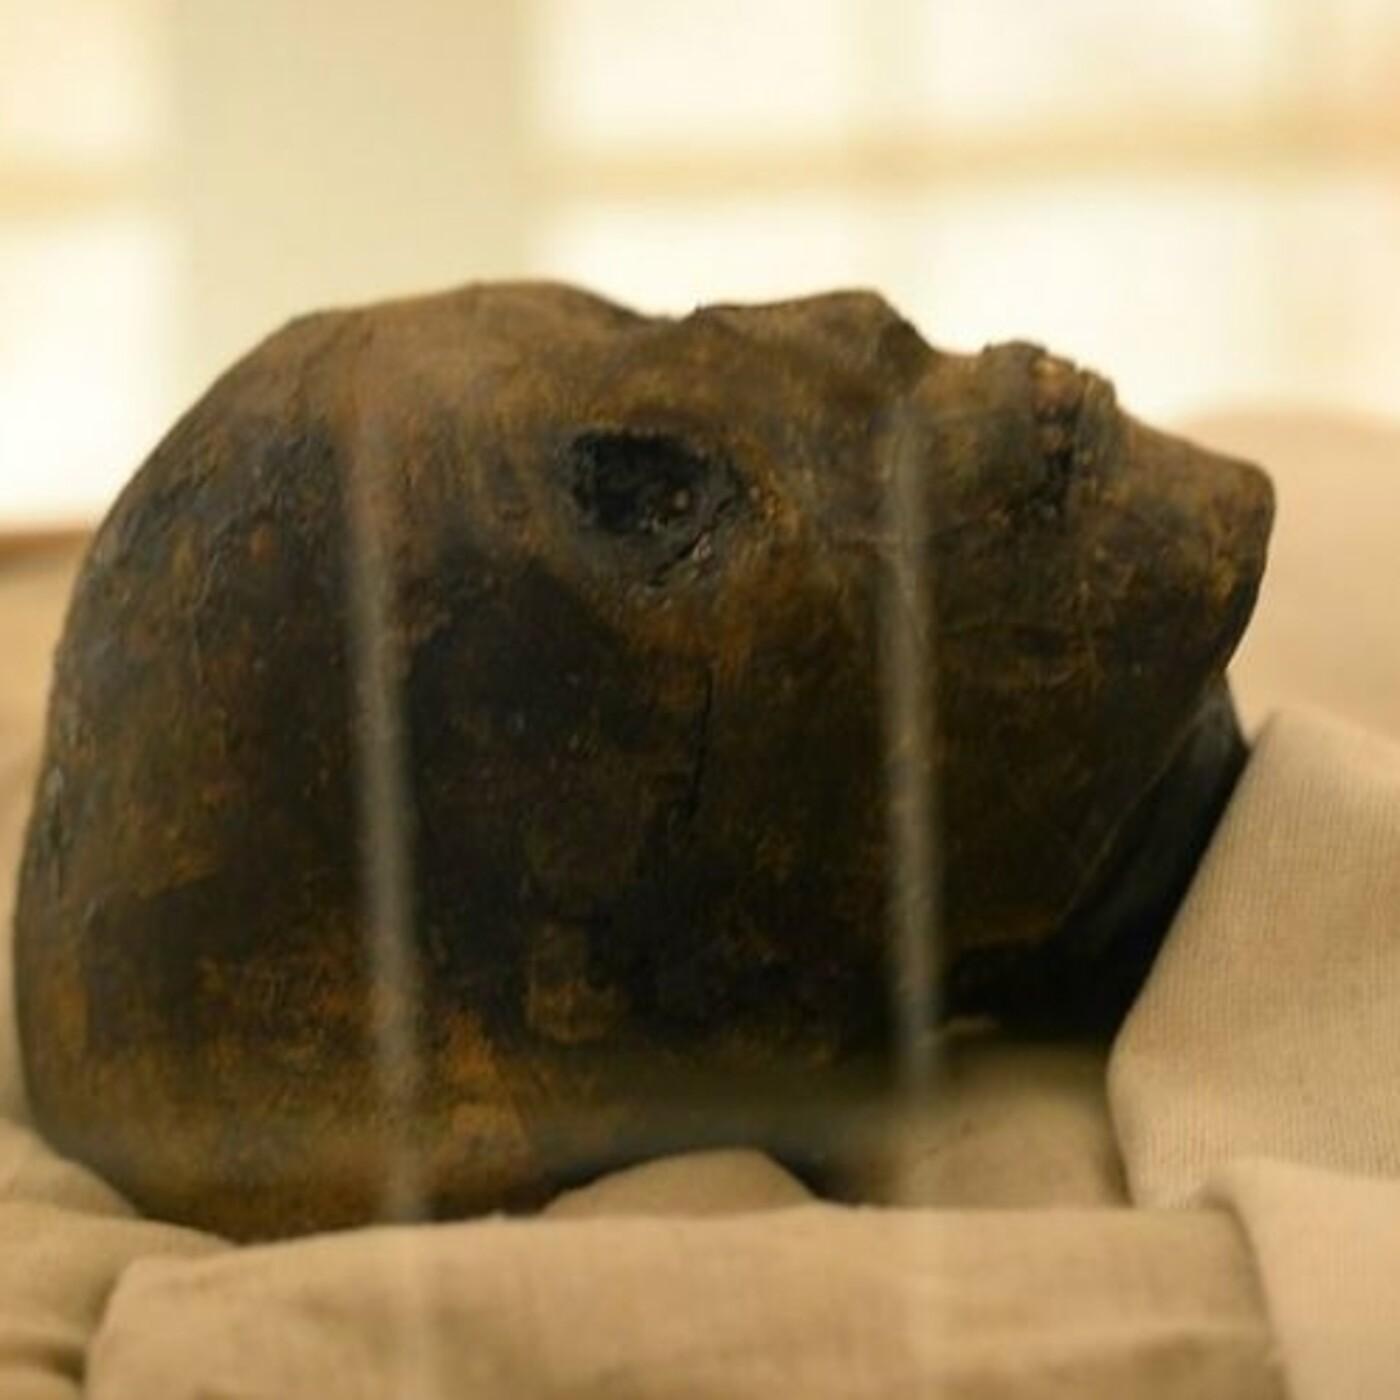 Momias al descubierto: El sabotaje de la momia del rey Tut · Masacre en los pantanos